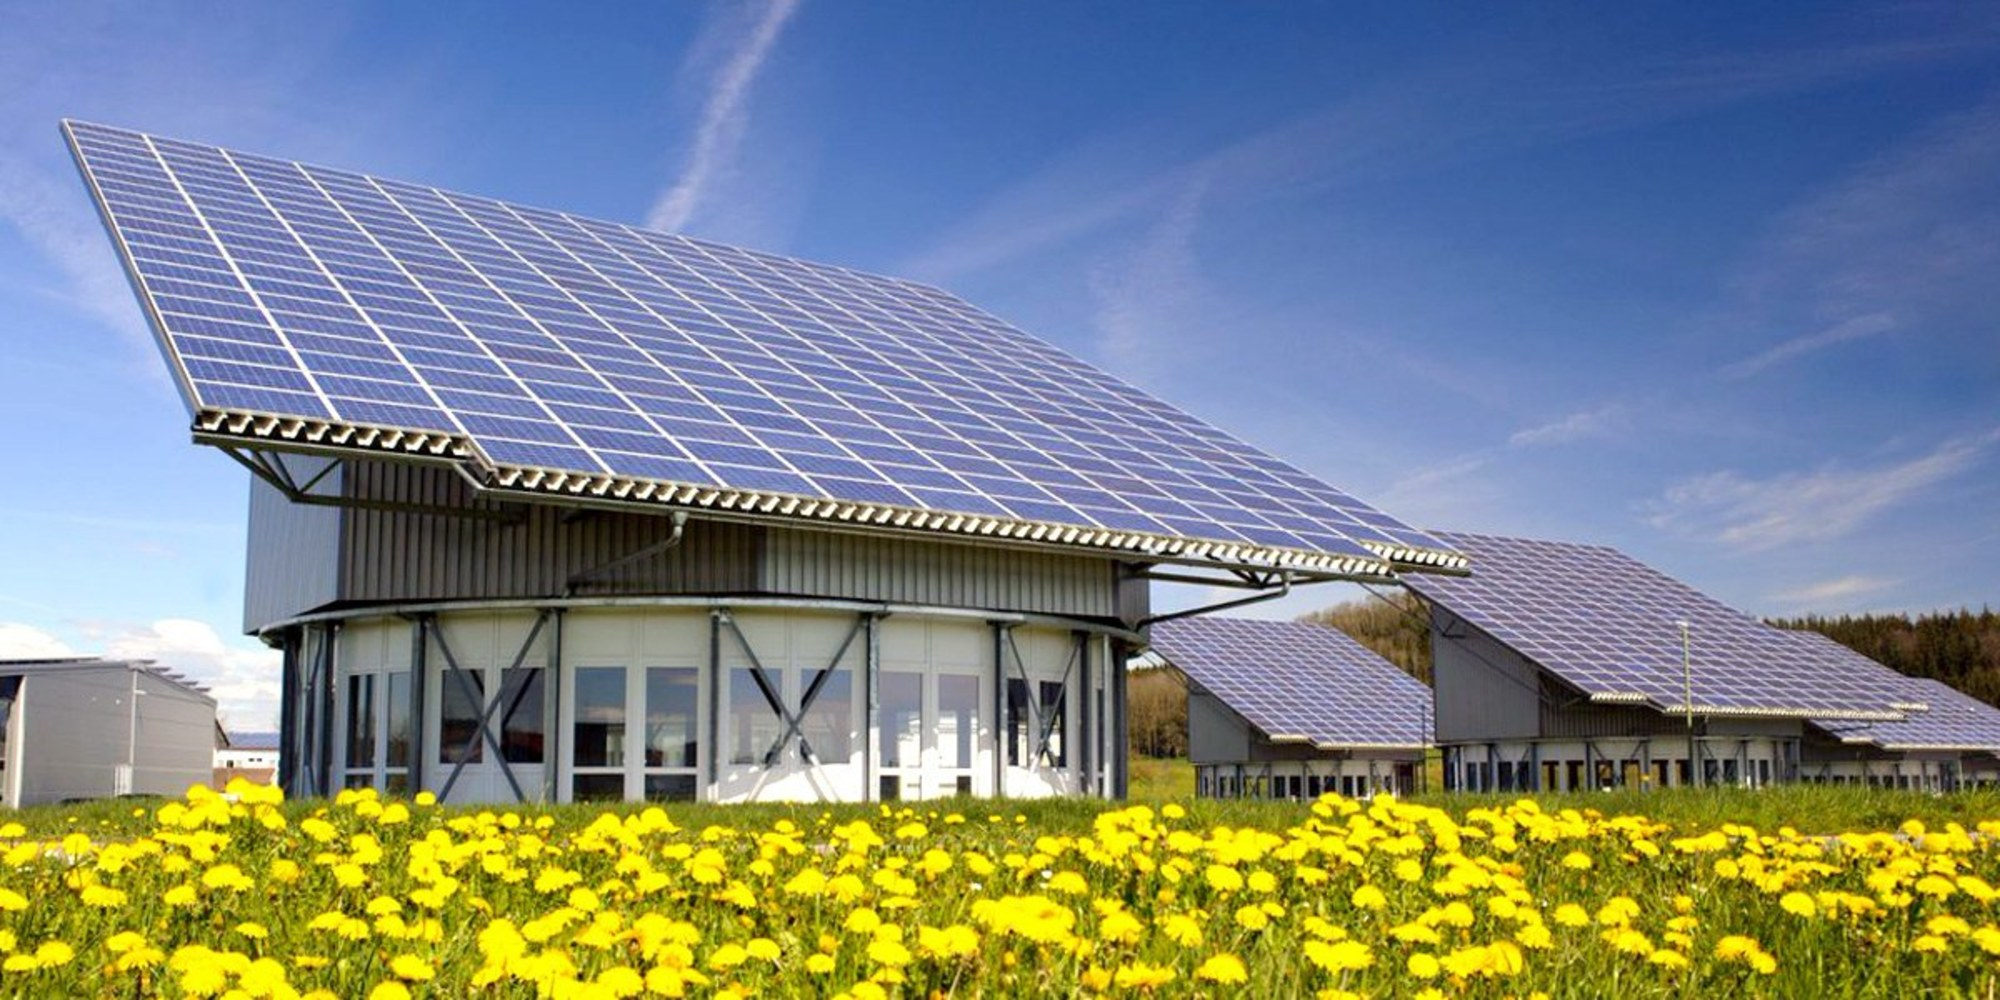 В конце апреля Германия получила 85% энергии из возобновляемых источников - 1